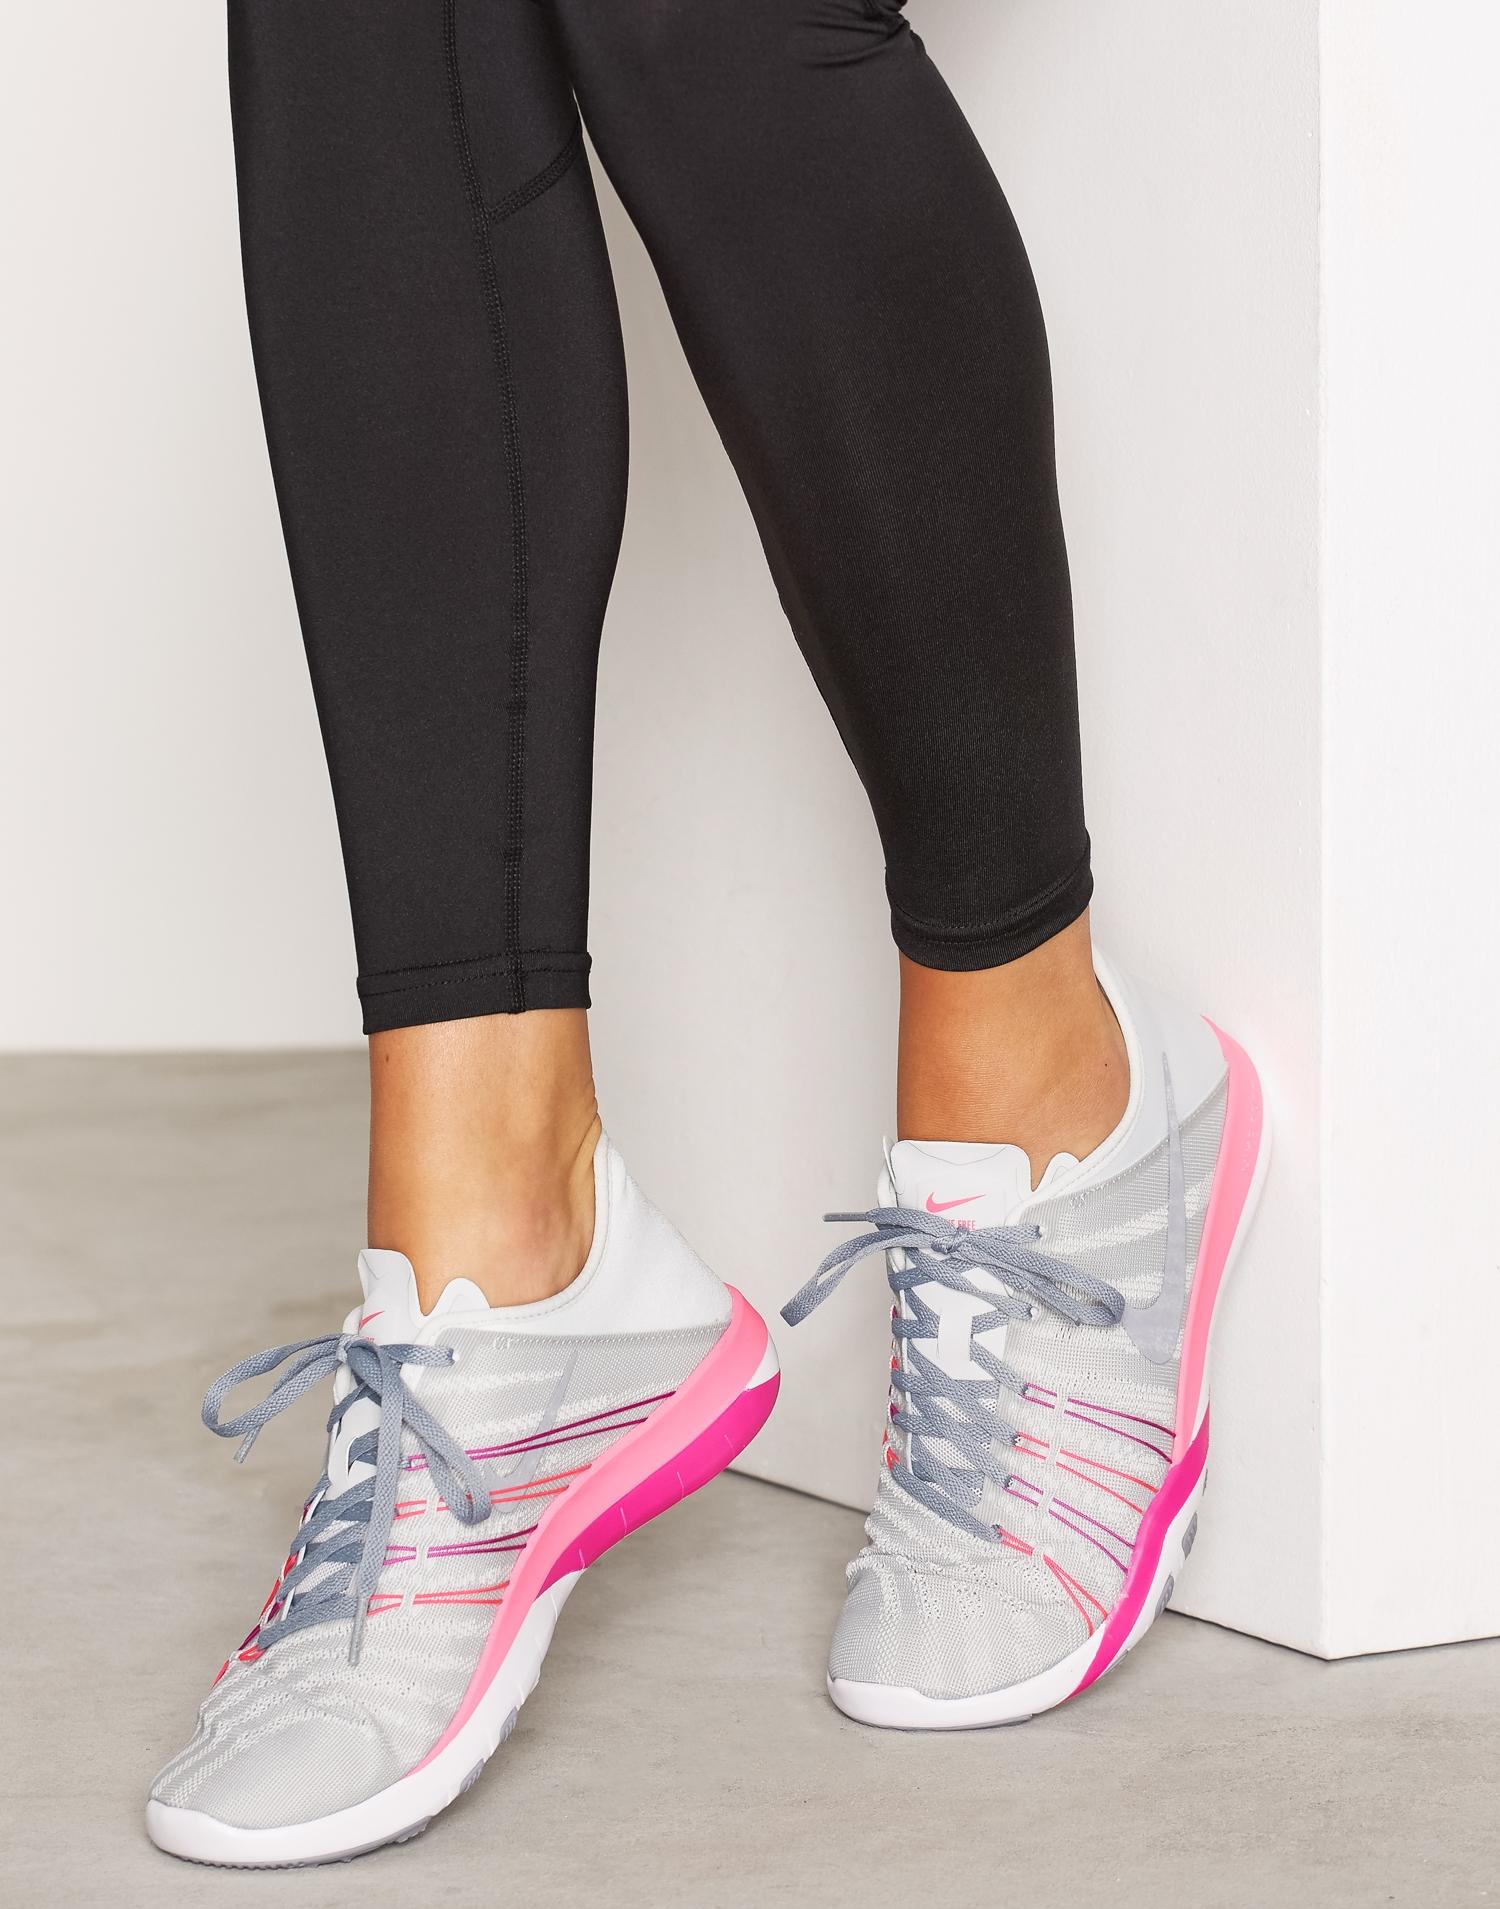 Rosa och vita Nike Free träningsskor, löparskor, sportskor, springskor